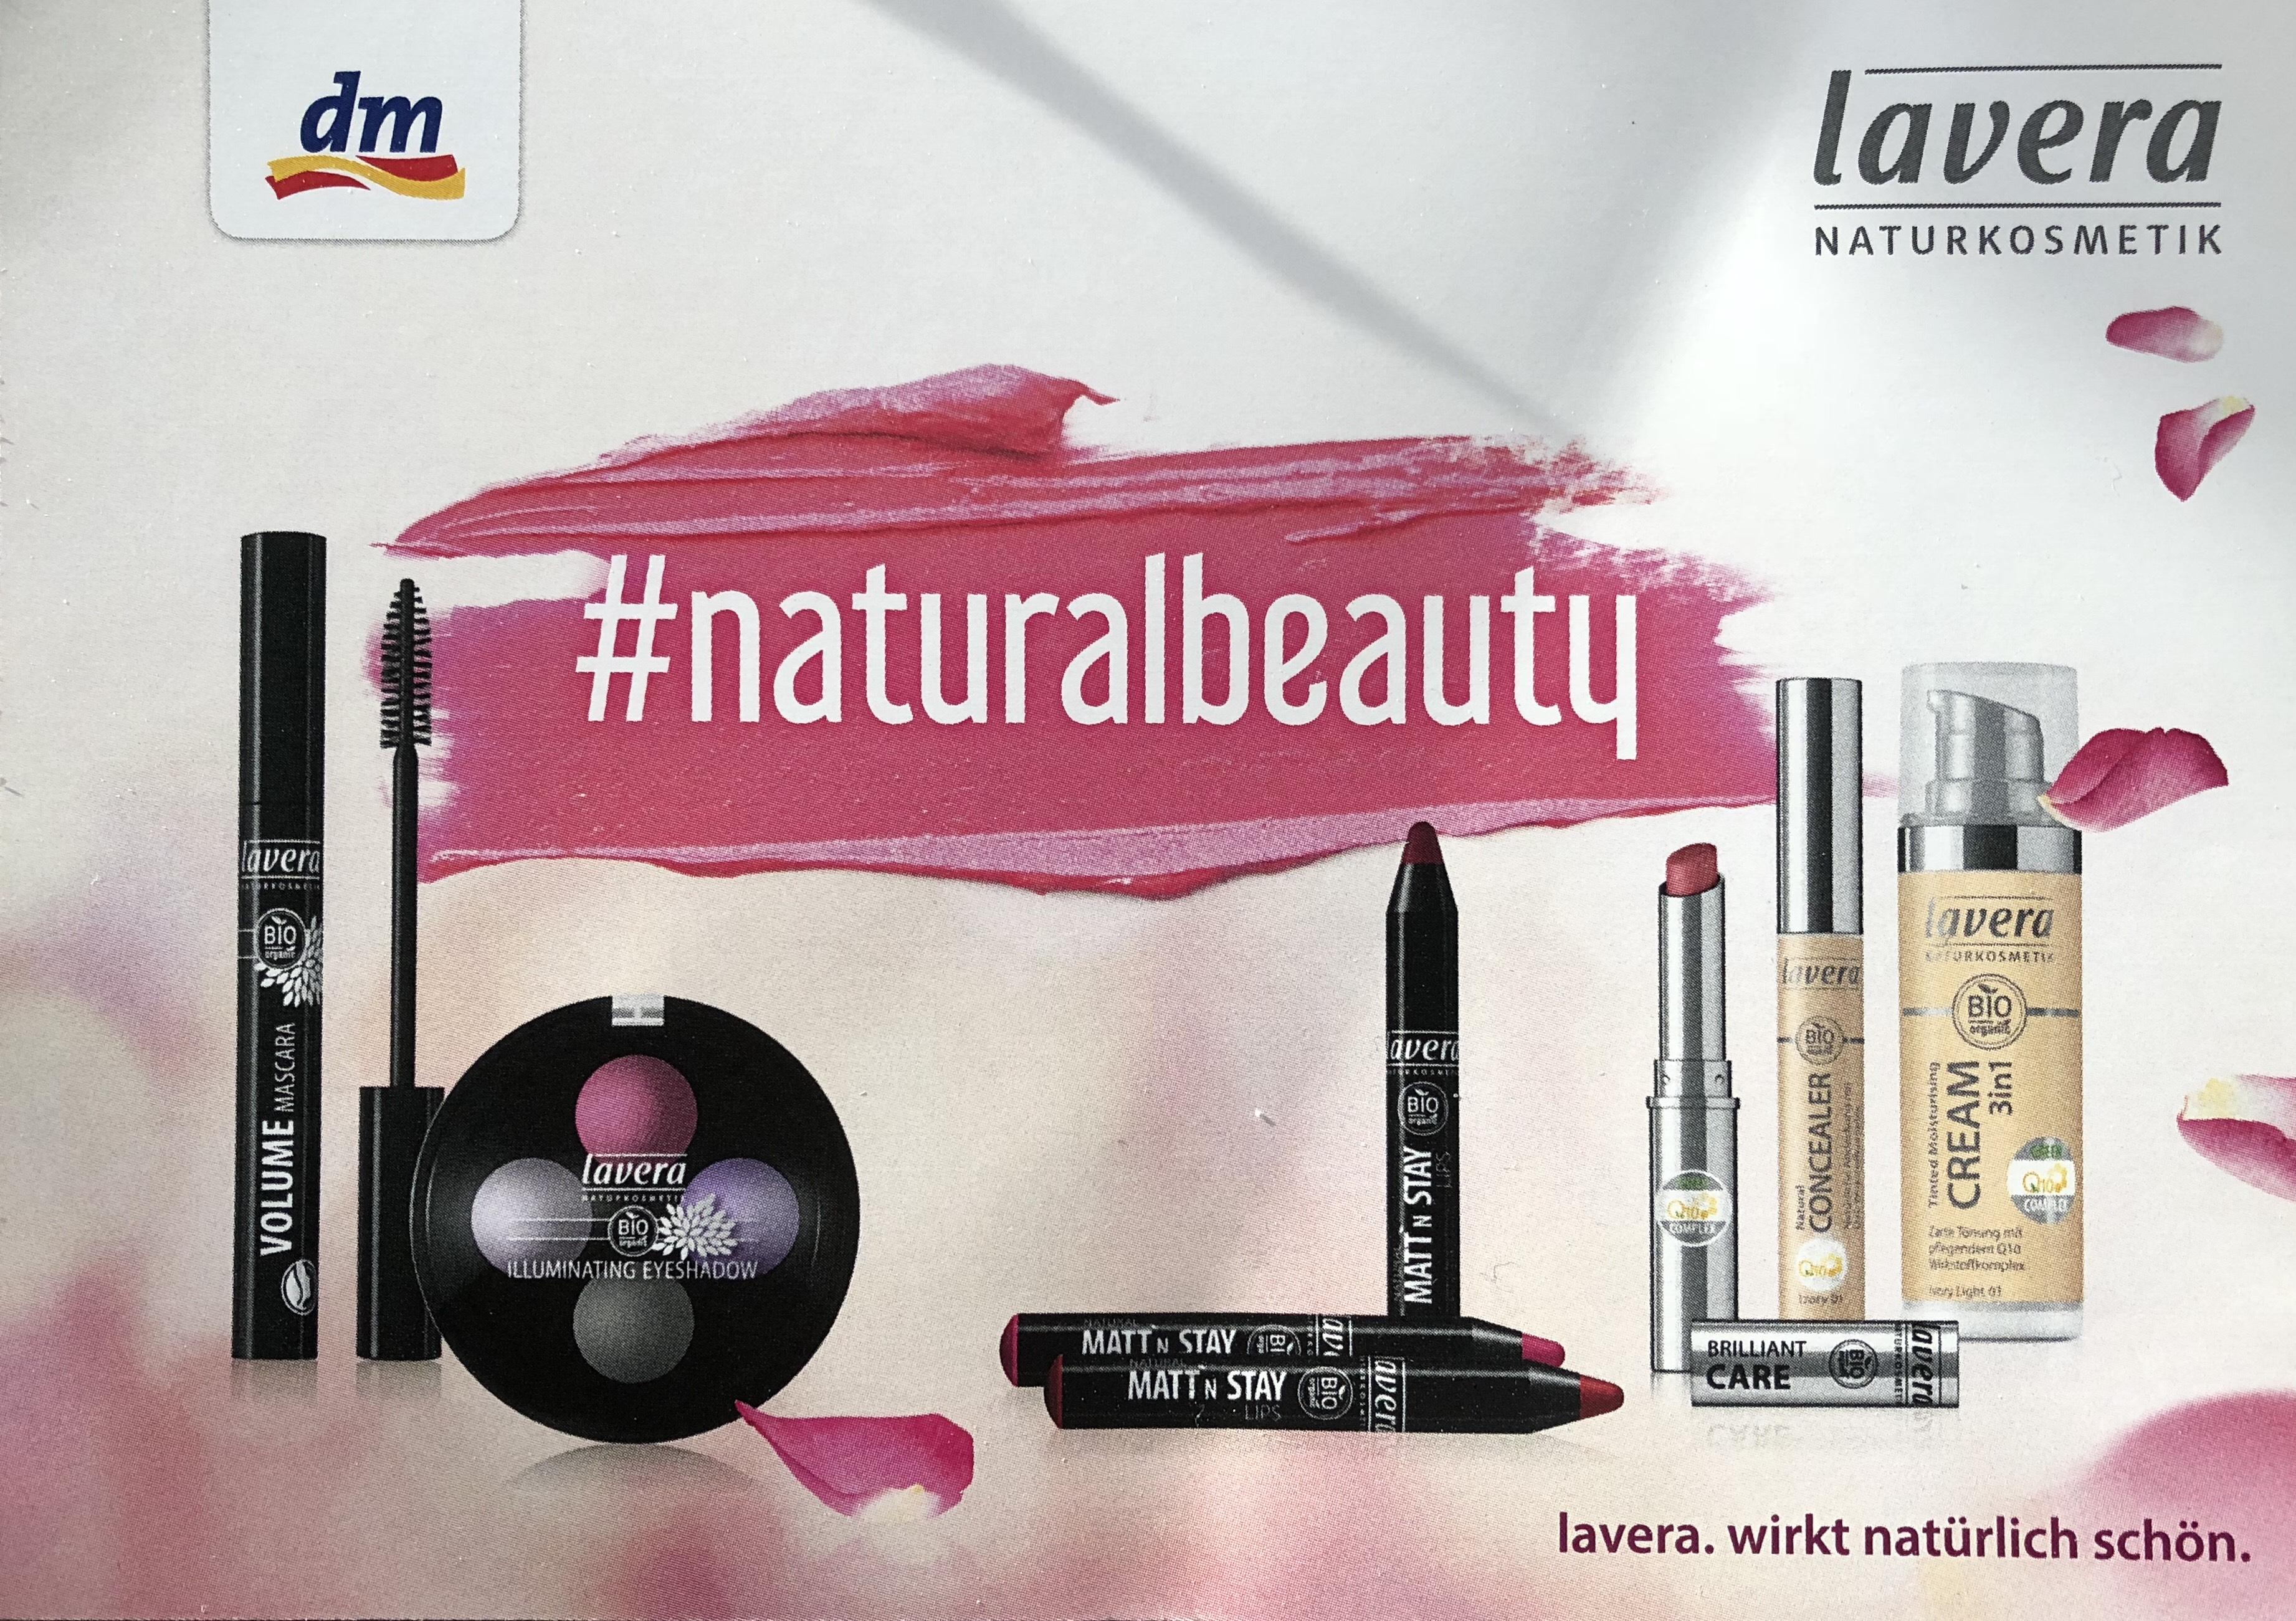 [dm und lavera] Gratis Kosmetiktasche beim Kauf von 2 Produkten der lavera dekorativen Kosmetik bei dm